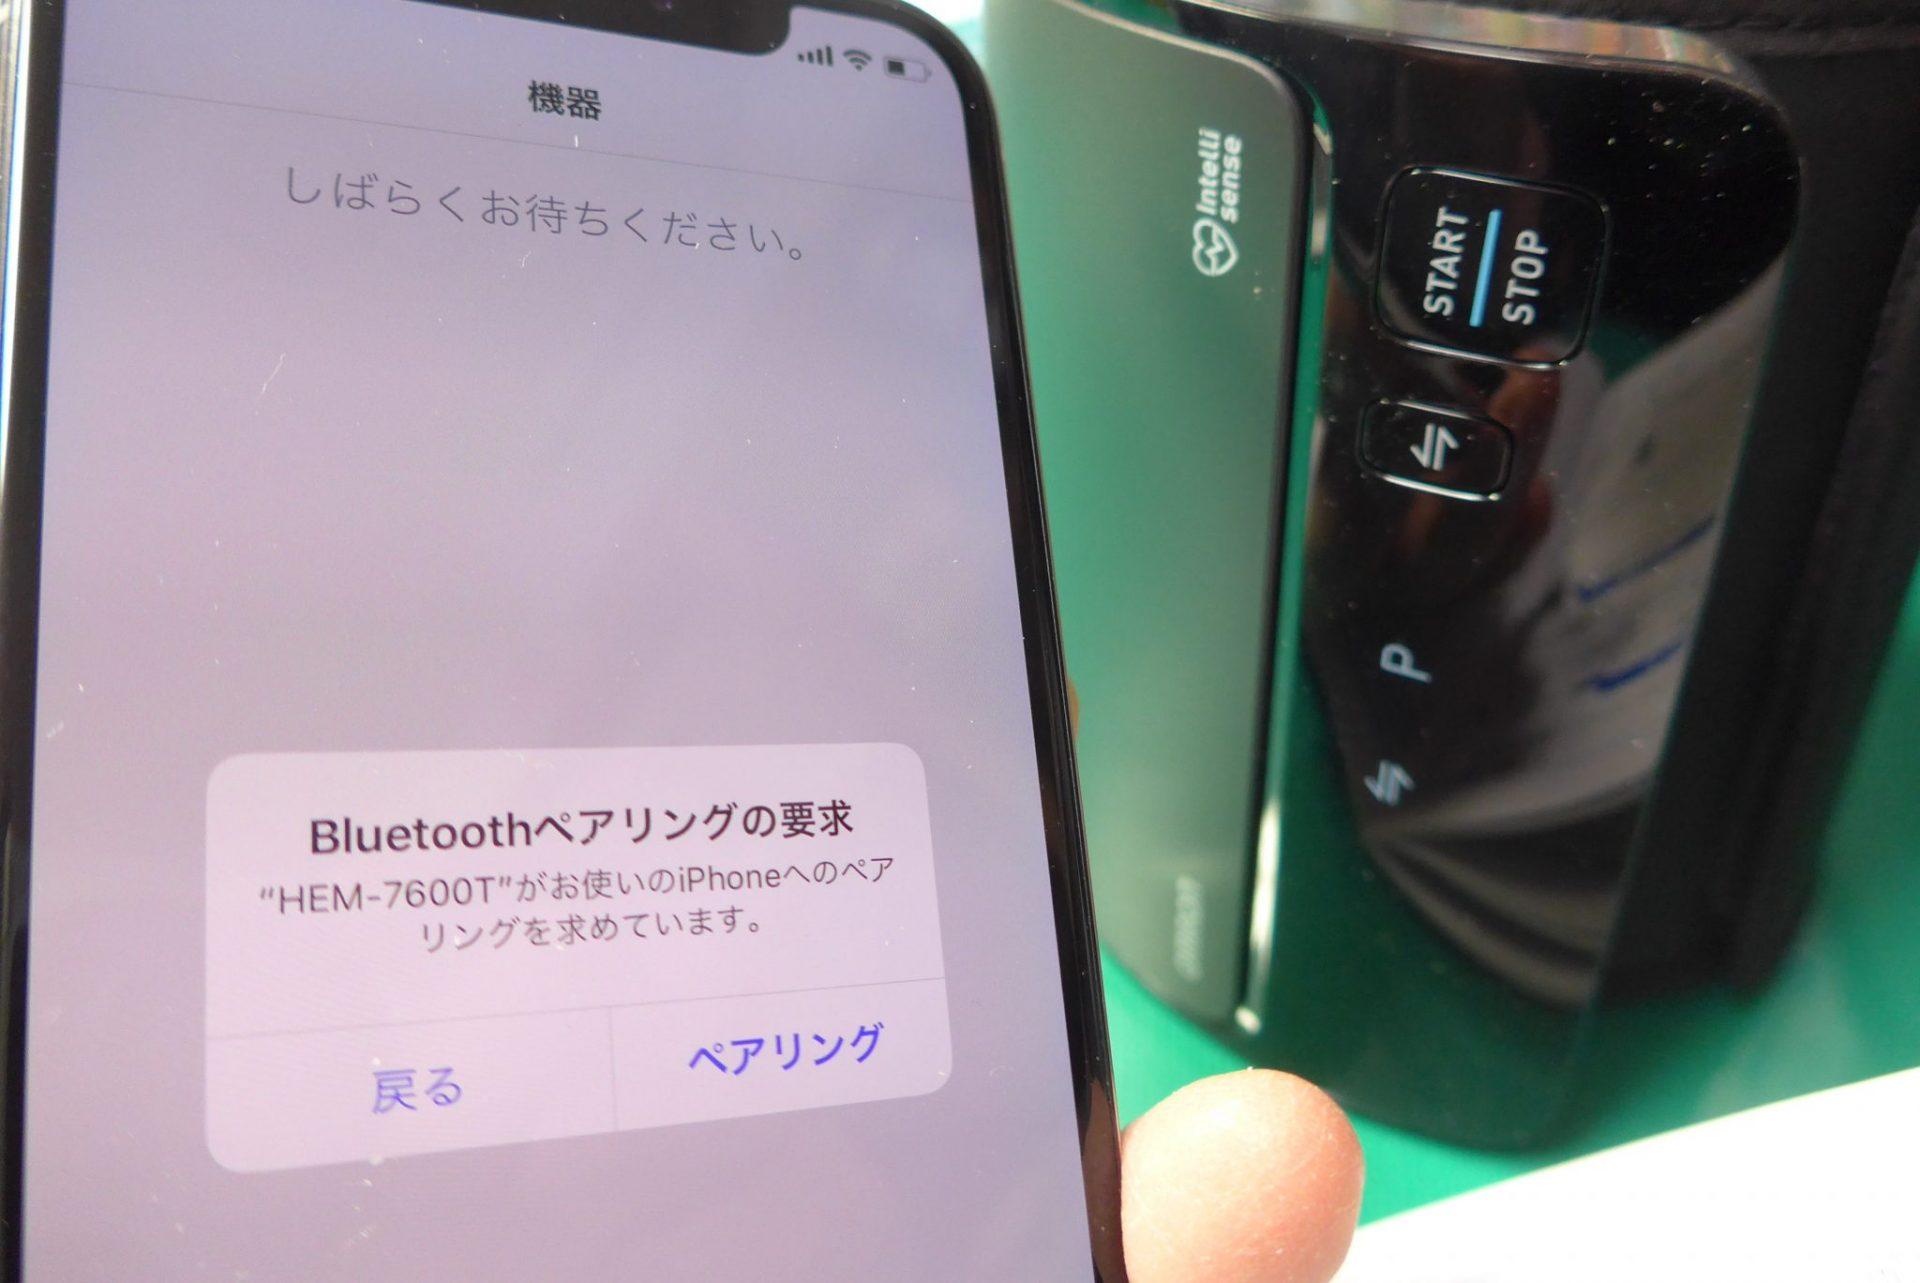 使いやすい『オムロンHEM-7600T』血圧計のレビュー!